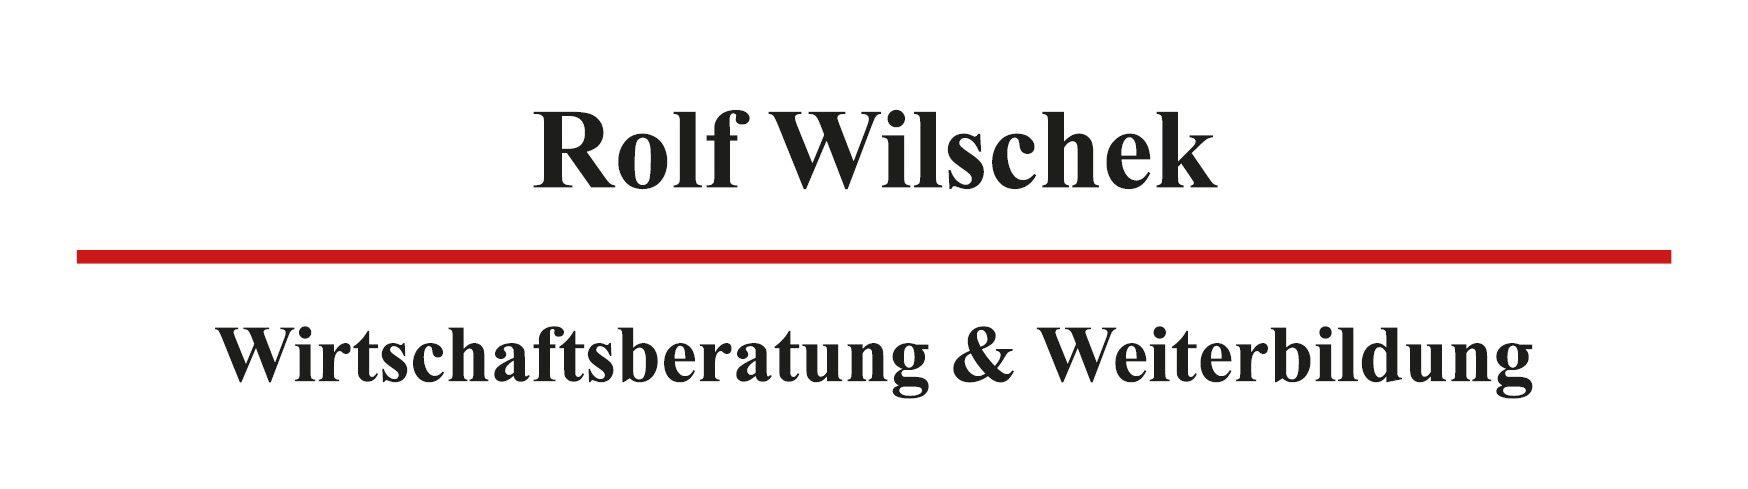 Rolf Wilschek Wirtschaftsberatung & Weiterbildung